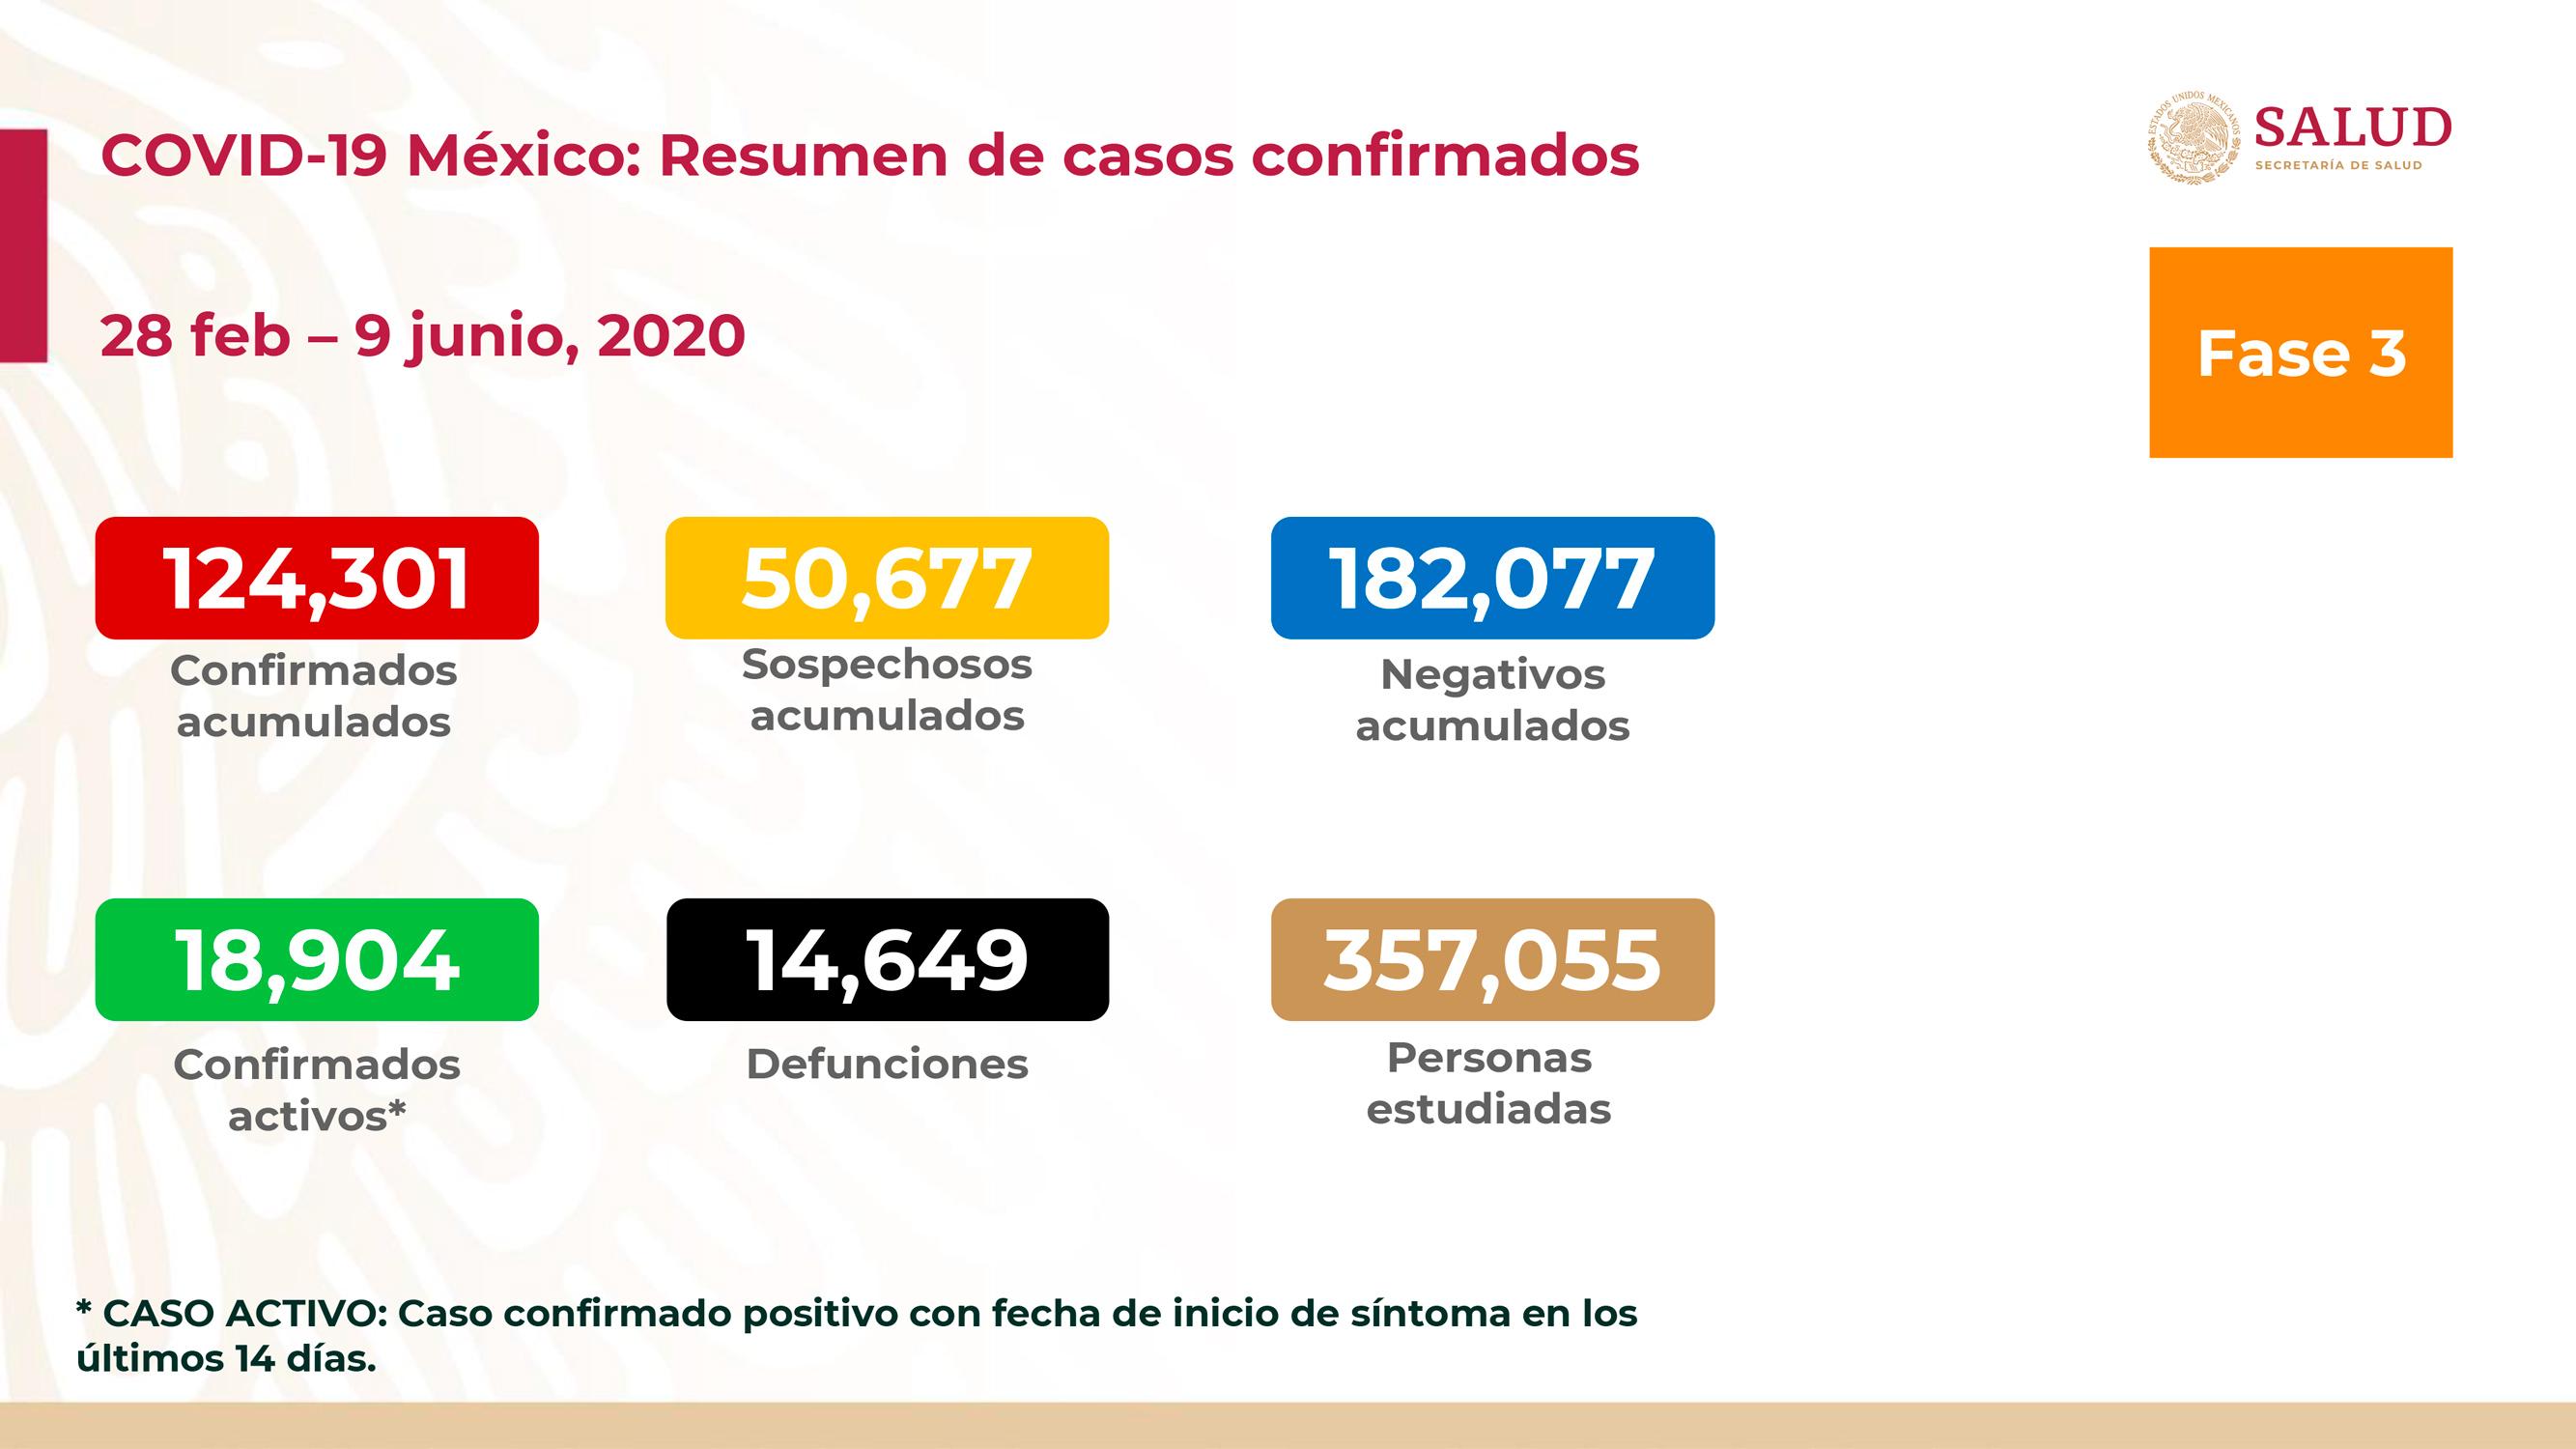 SUMAN MÁS DE 14 MIL DEFUNCIONES POR COVID-19 EN MÉXICO